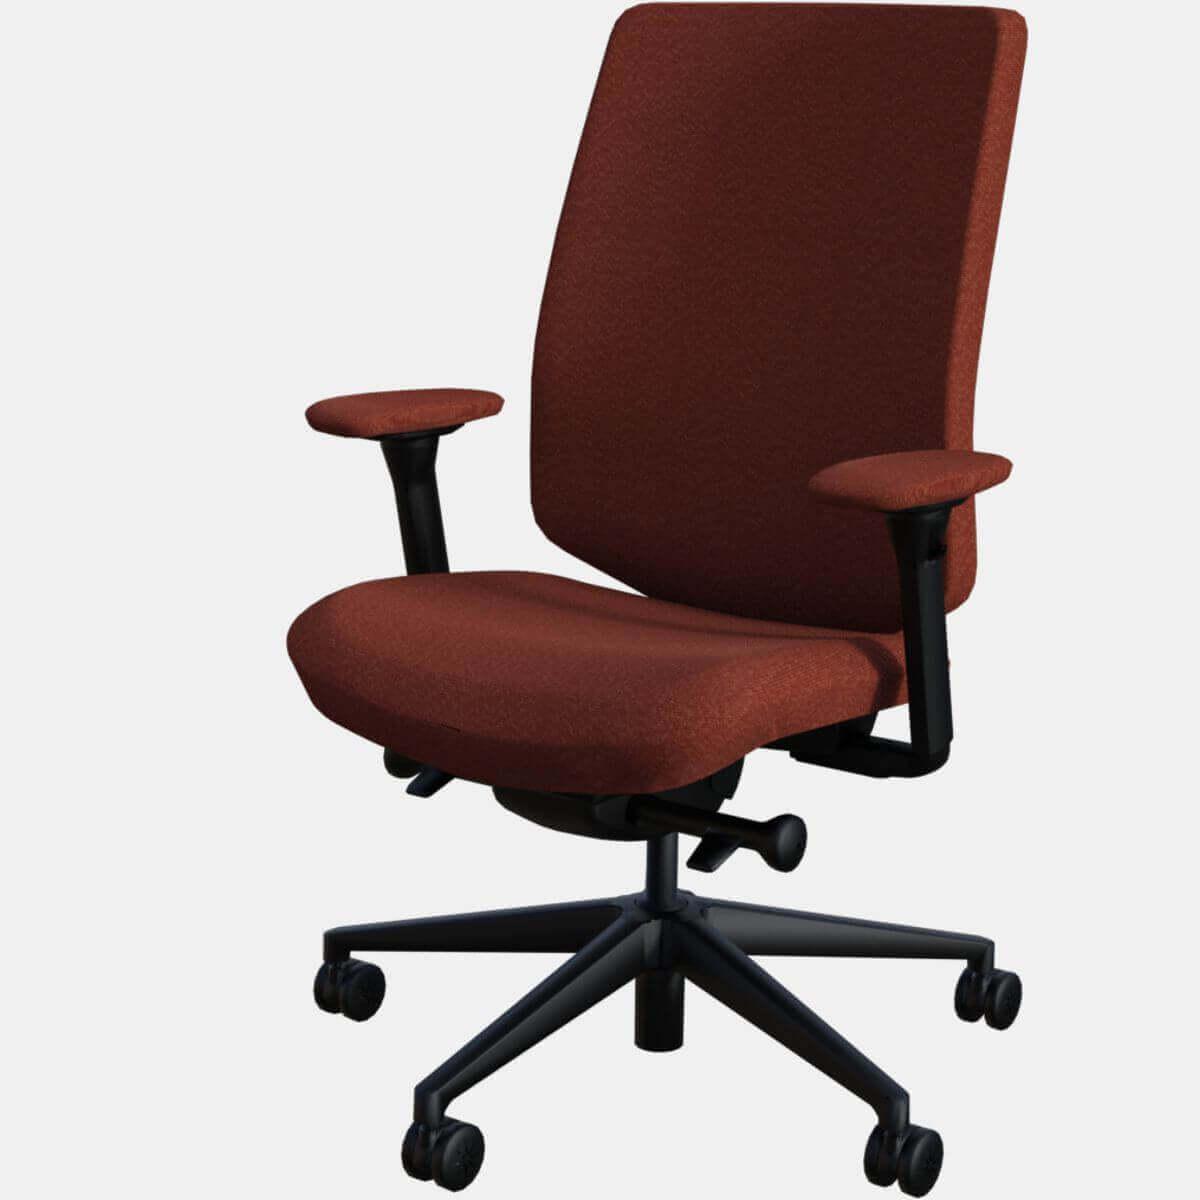 Herman Miller Verus Work Chair & Herman Miller Verus Work Chair Free 3D Model